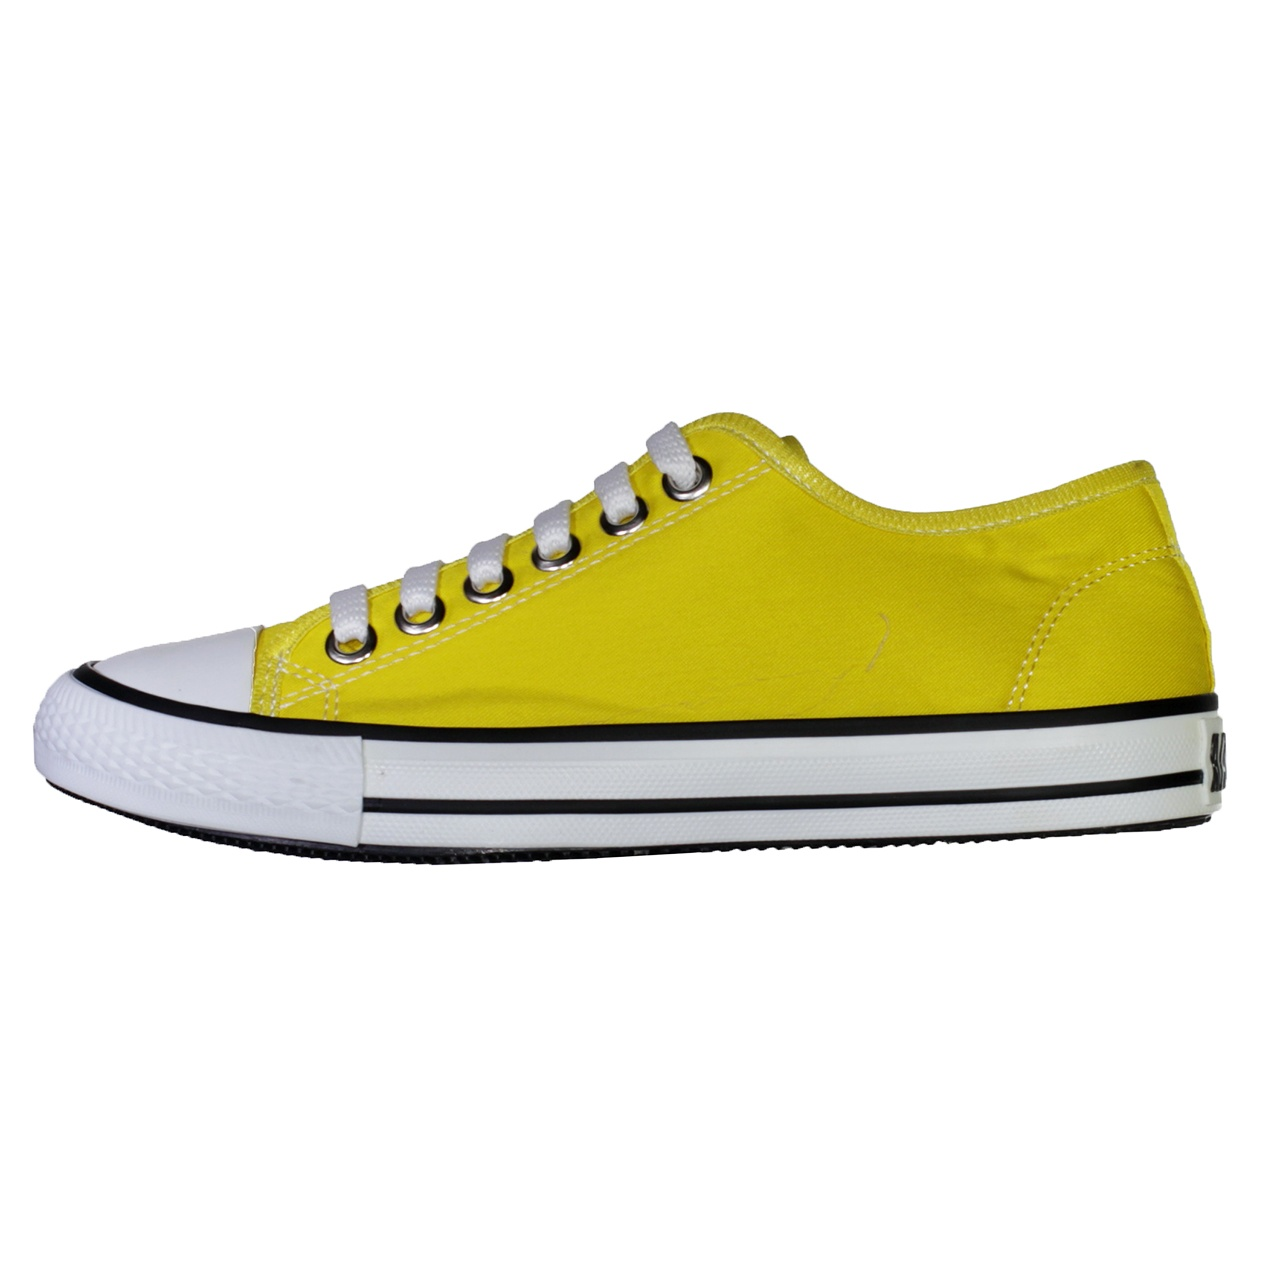 کفش مخصوص پیاده روی زنانه مدل Owen کد 05